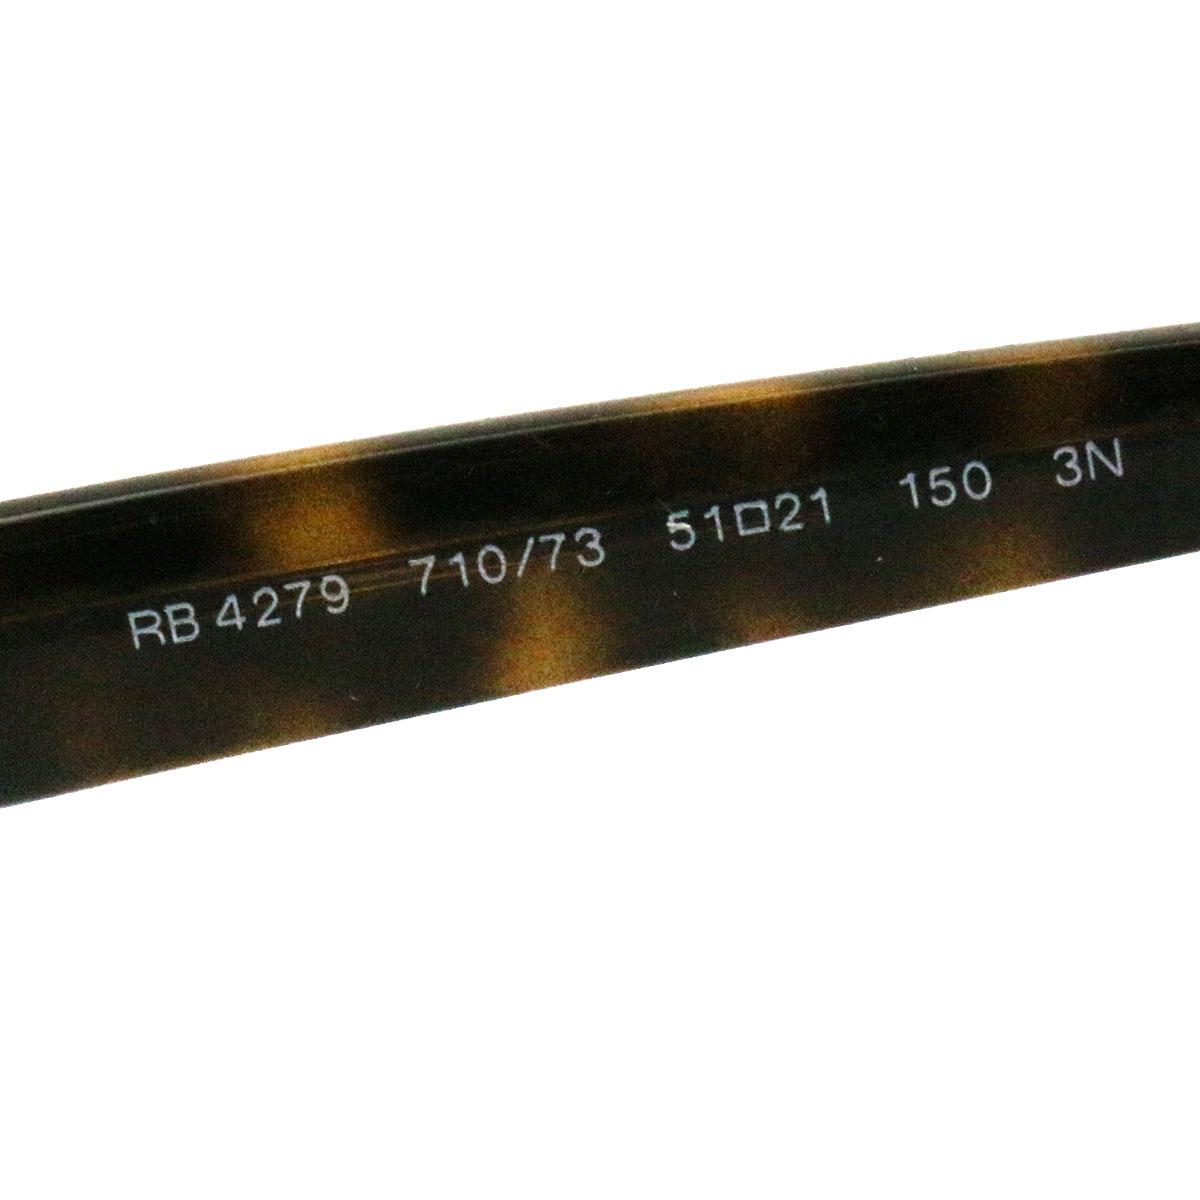 537a09974dab9 Ray-Ban Injected Sunglasses RB4279 Shiny Havana Non-Polarized 51 21 ...